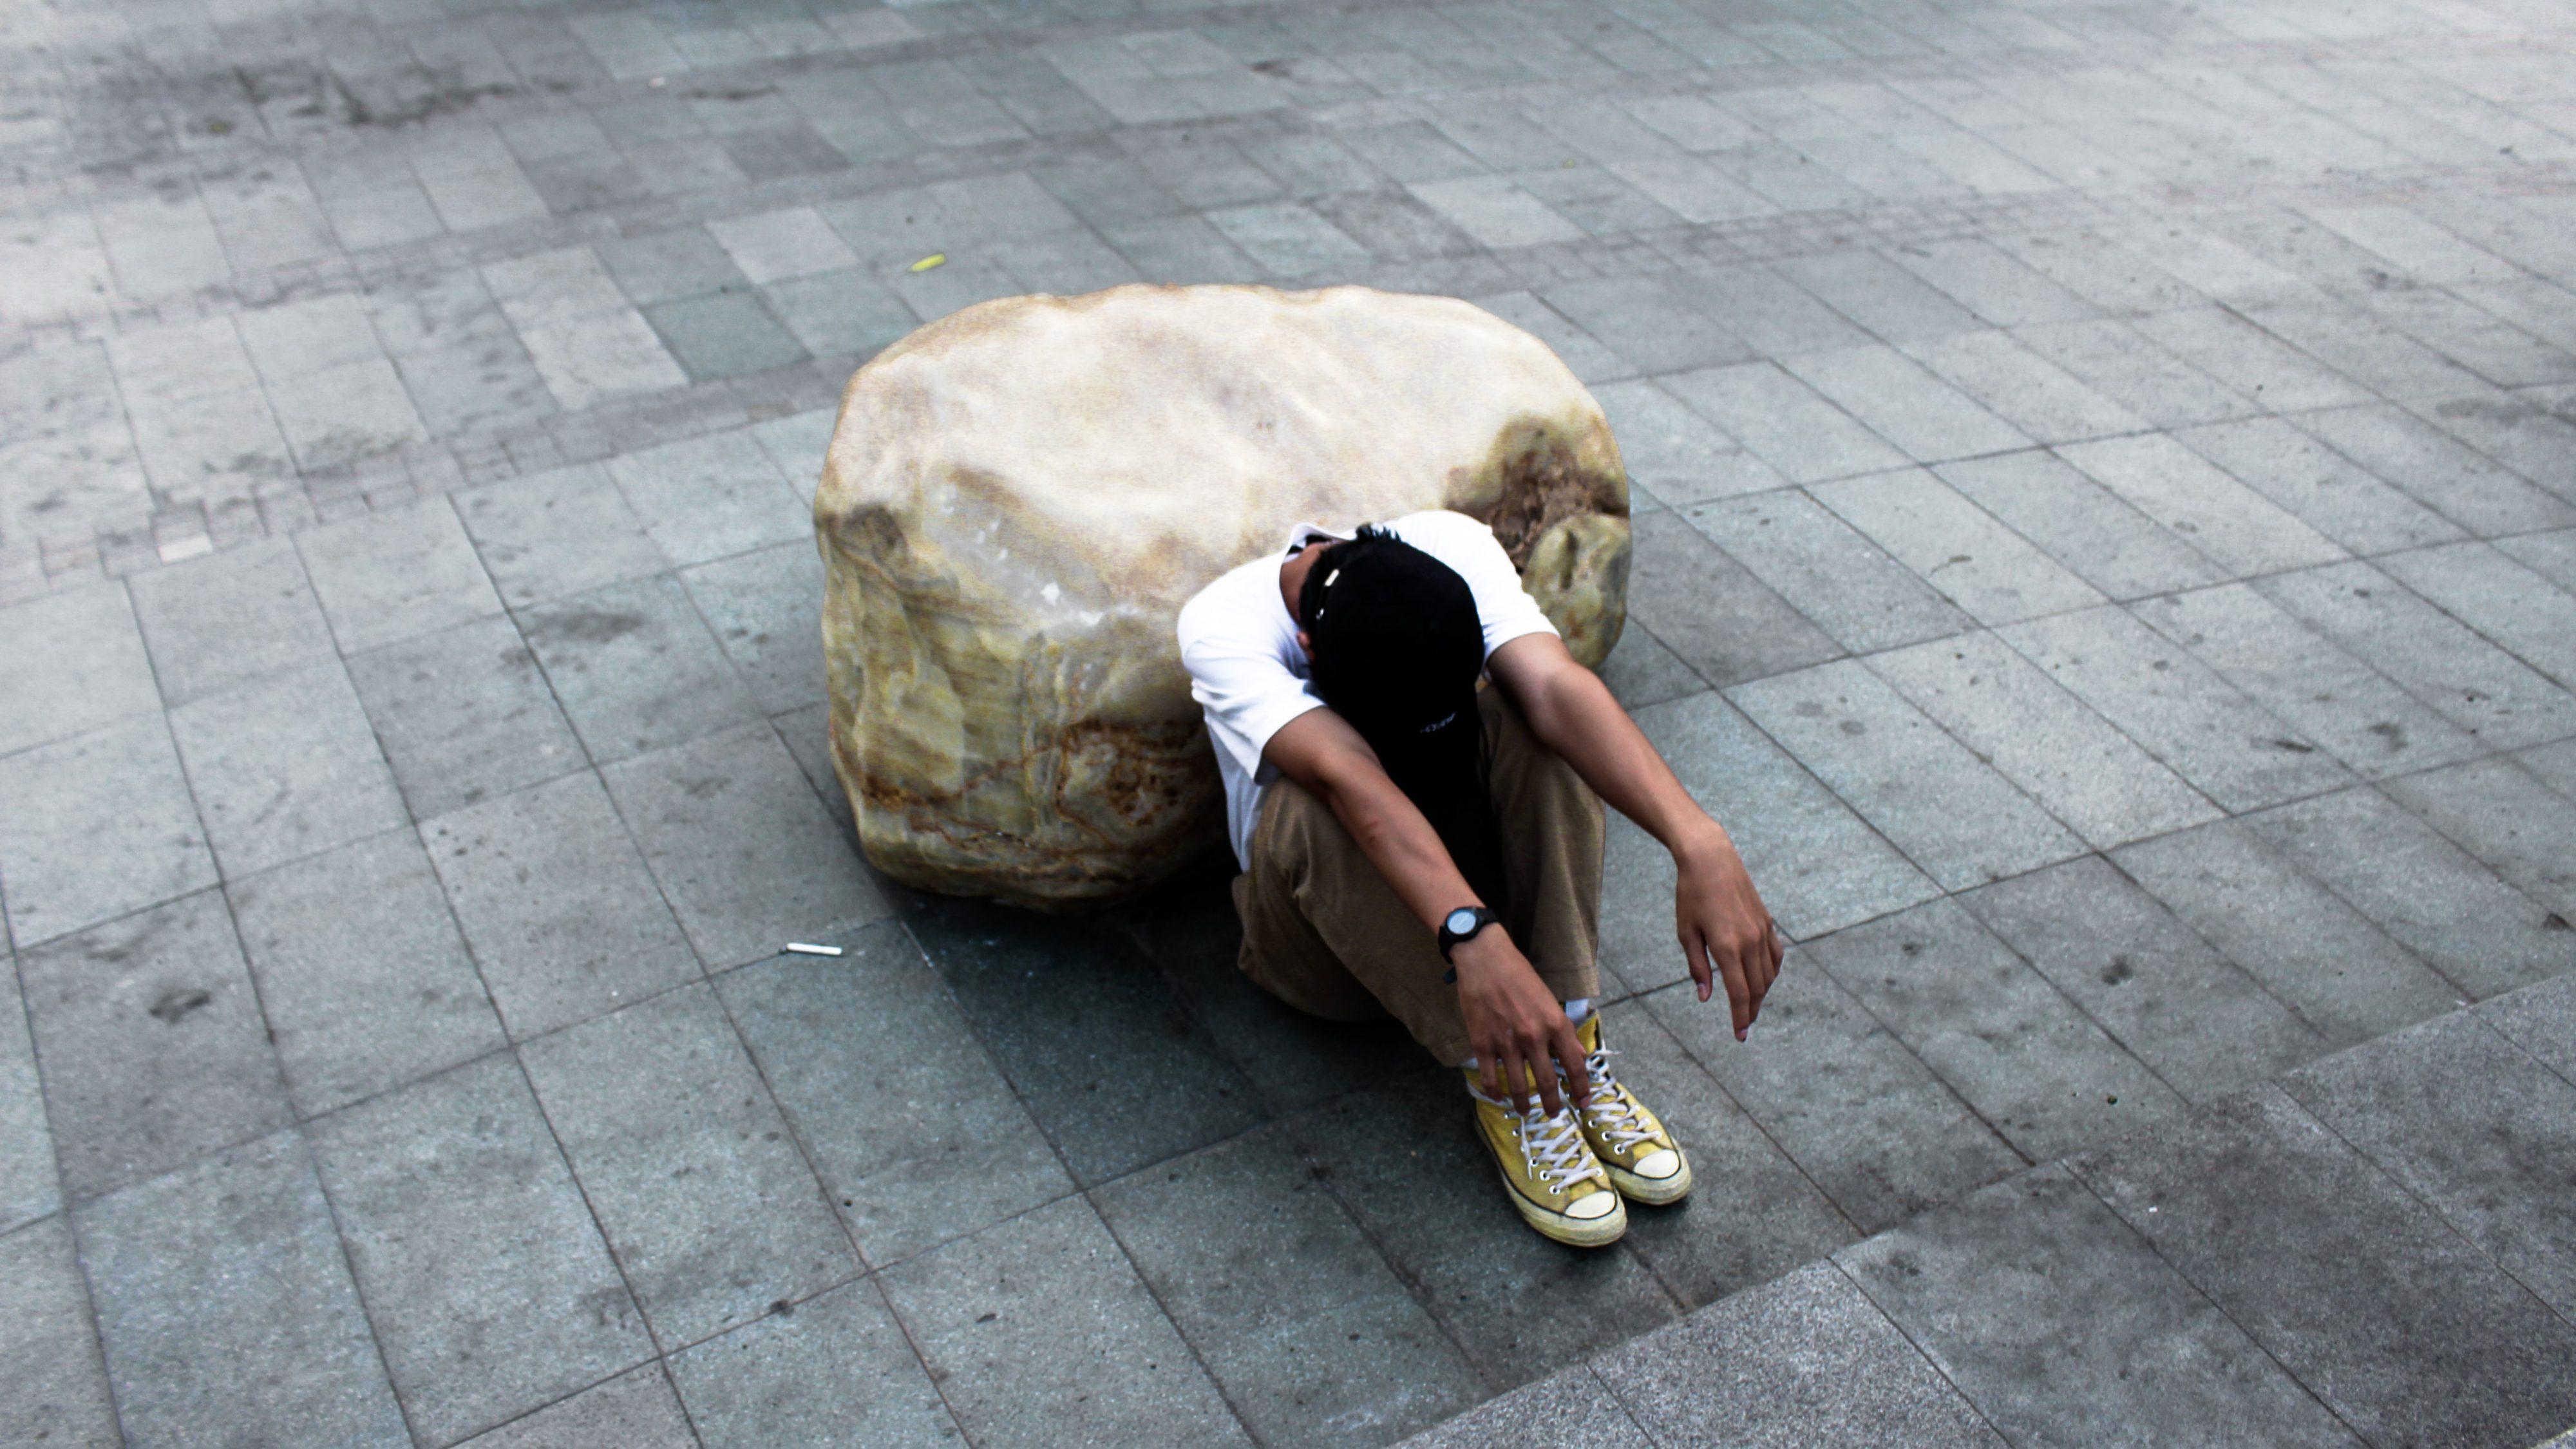 Psykisk hälsa och självmordsprevention i Svenskfinland